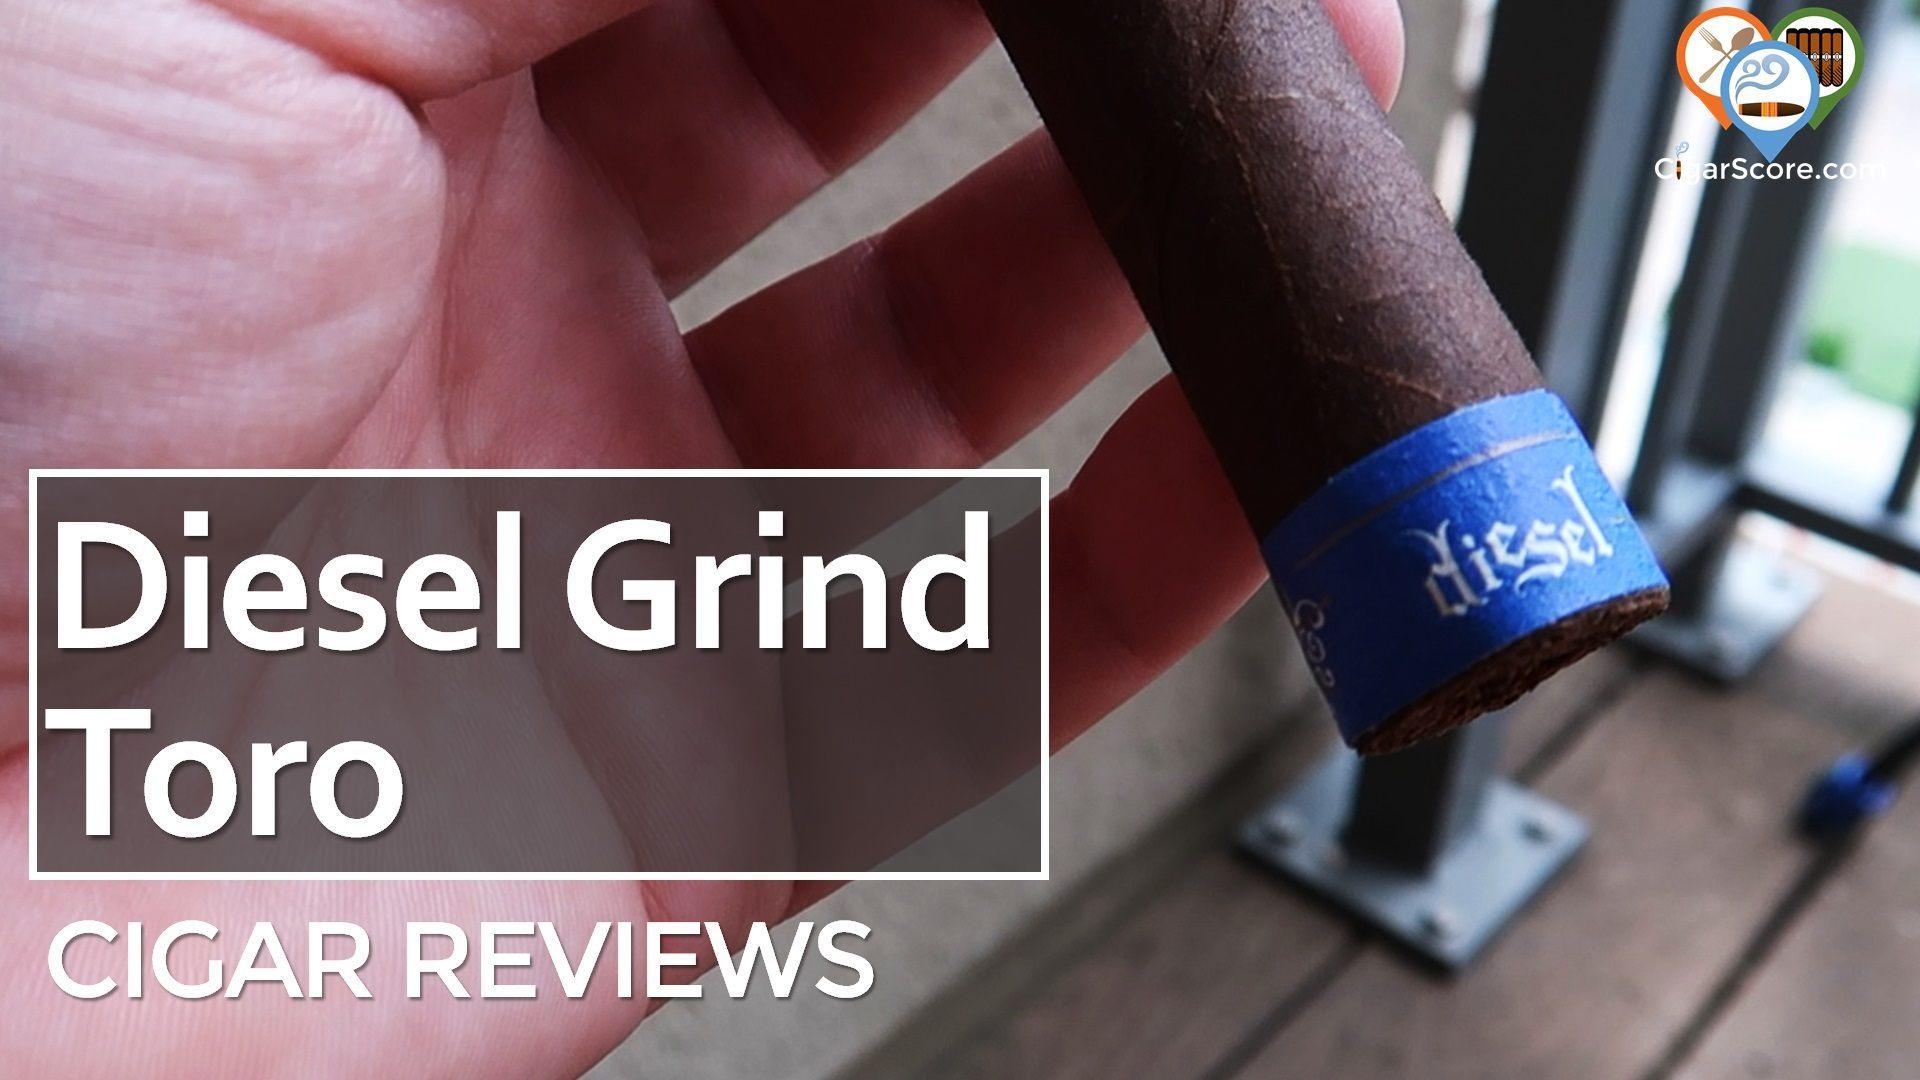 Cigar Review - Diesel Grind Toro AJ Fernandez